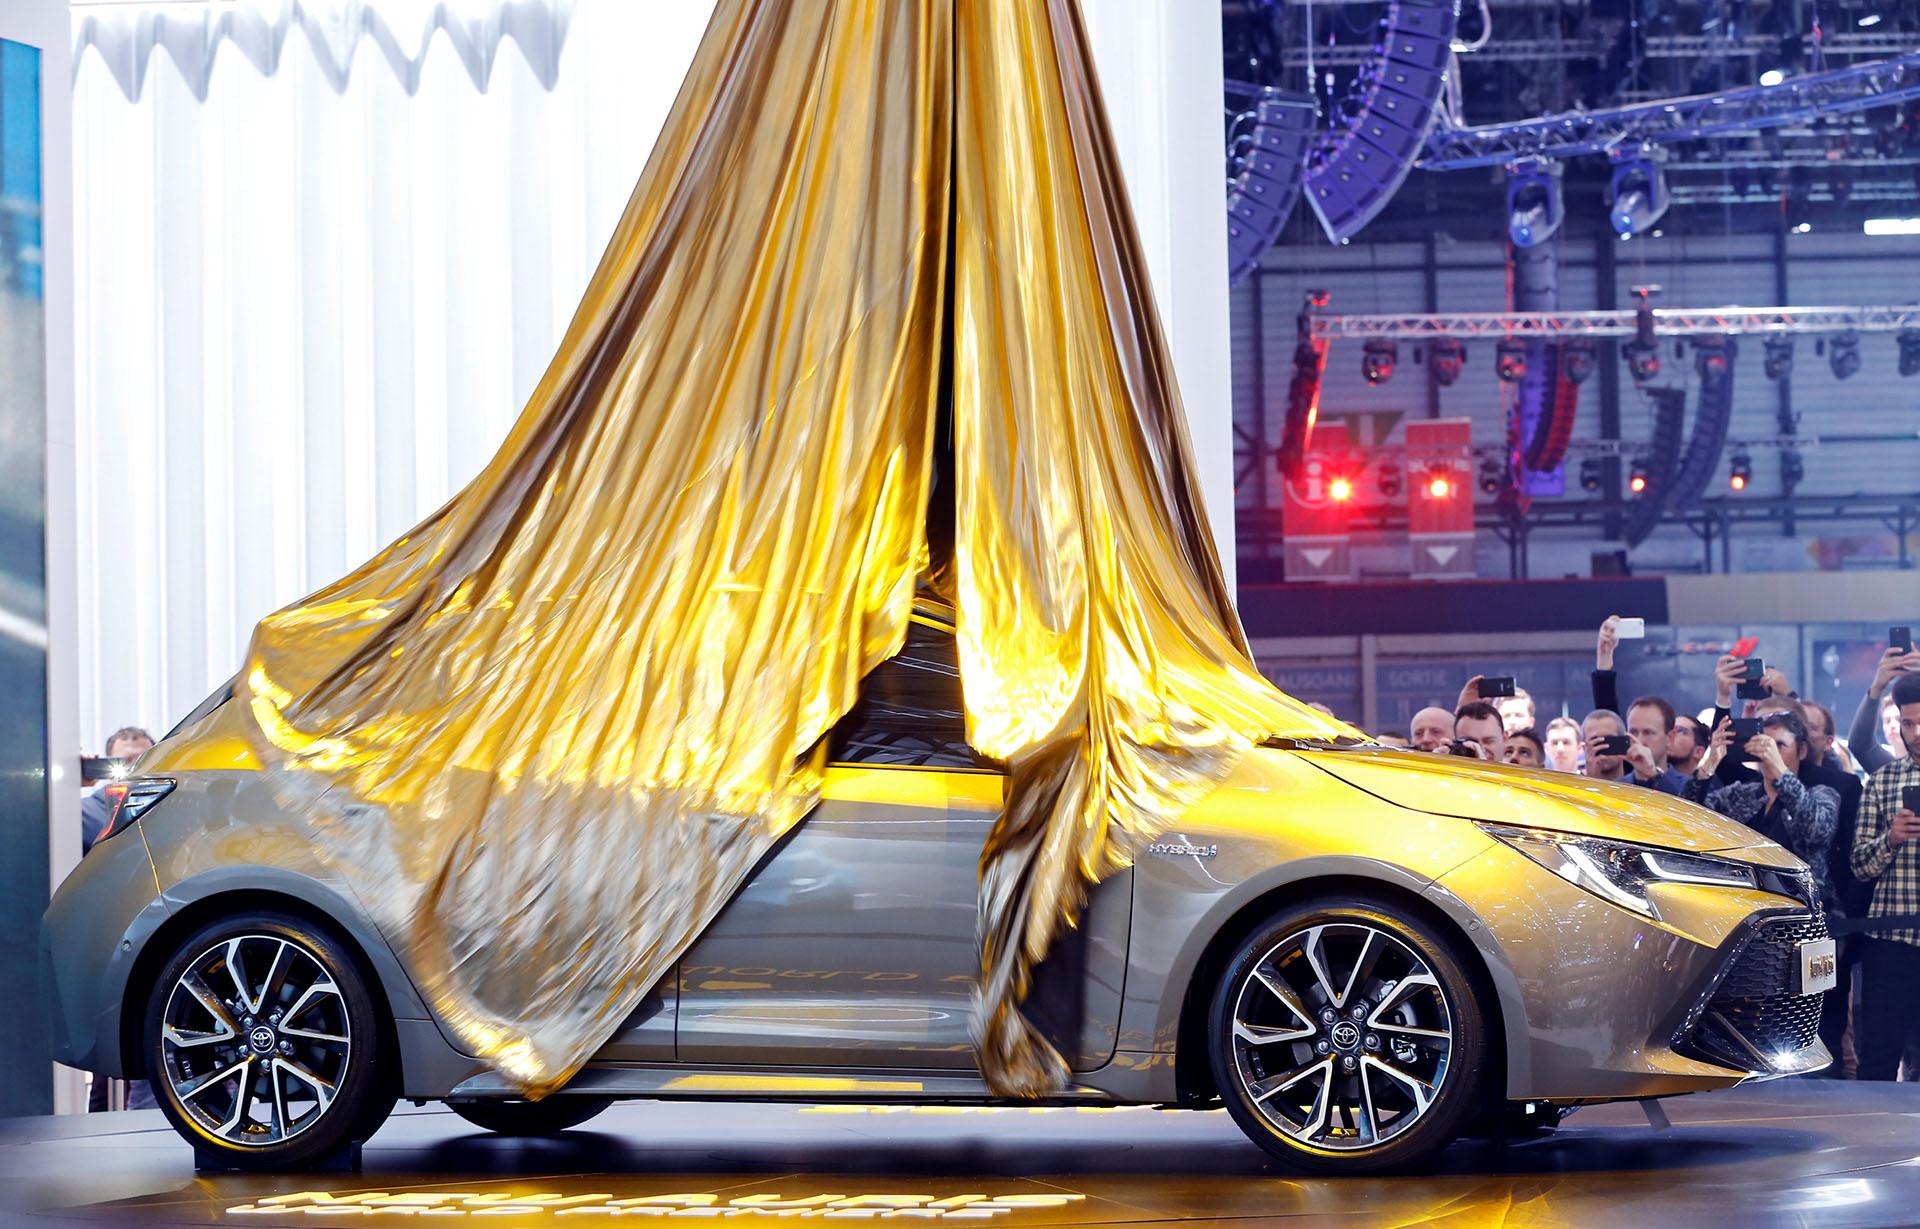 La apuesta fuerte de Toyota para la edición 88° del Salón de Ginebra es el Auris, la tercera generación del compacto japonés que refuerza la posición de liderazgo en motorización híbrida